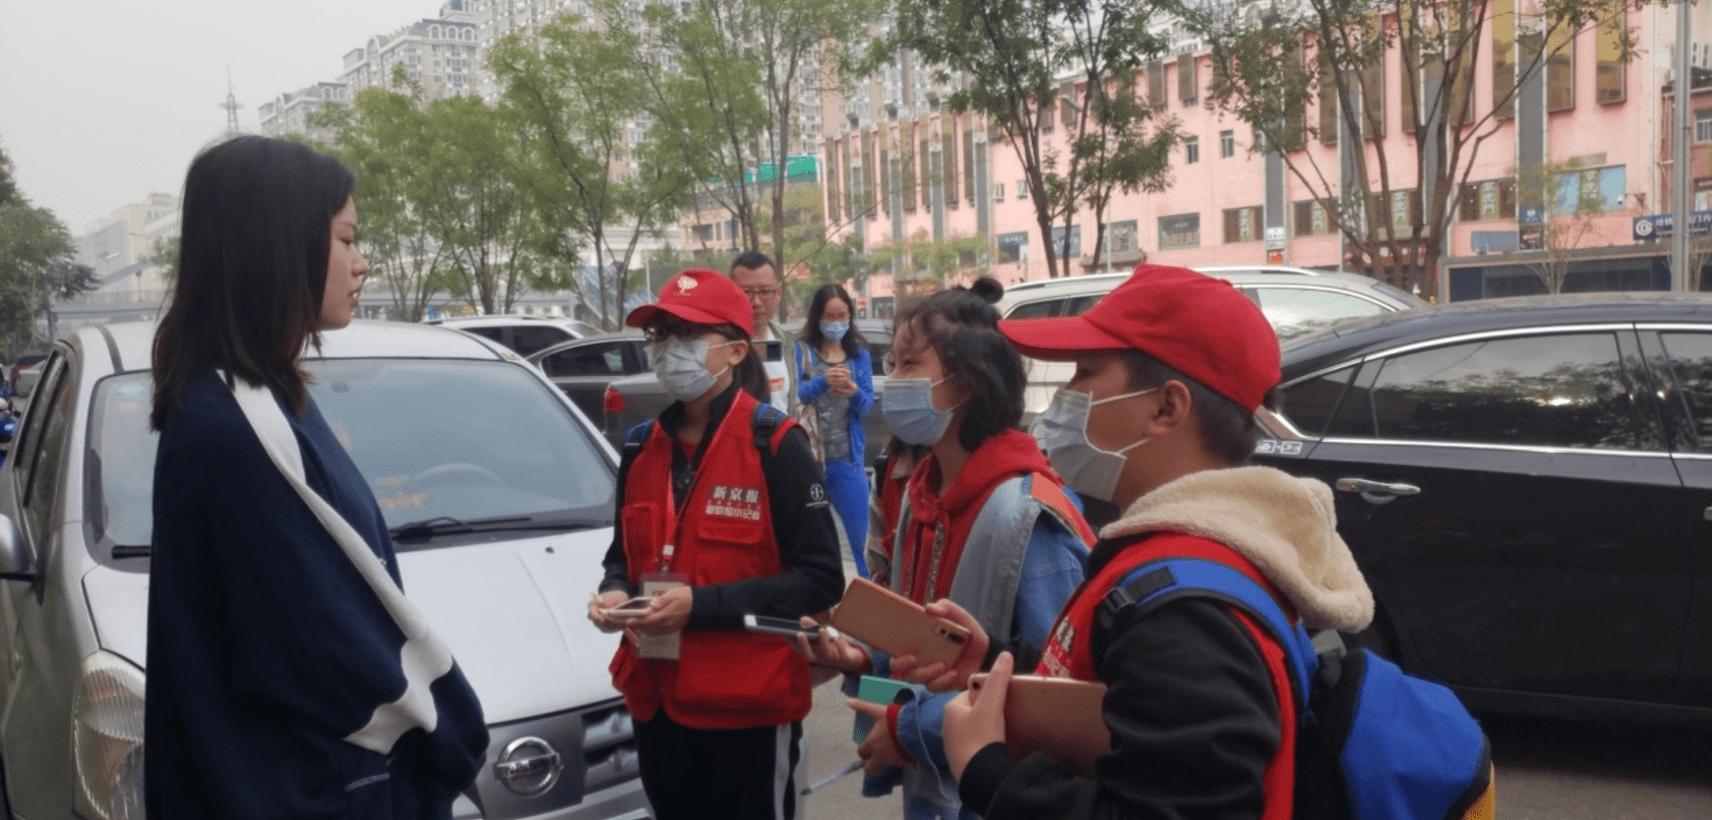 新京报小记者街头调查:八成市民经常接触网络直播